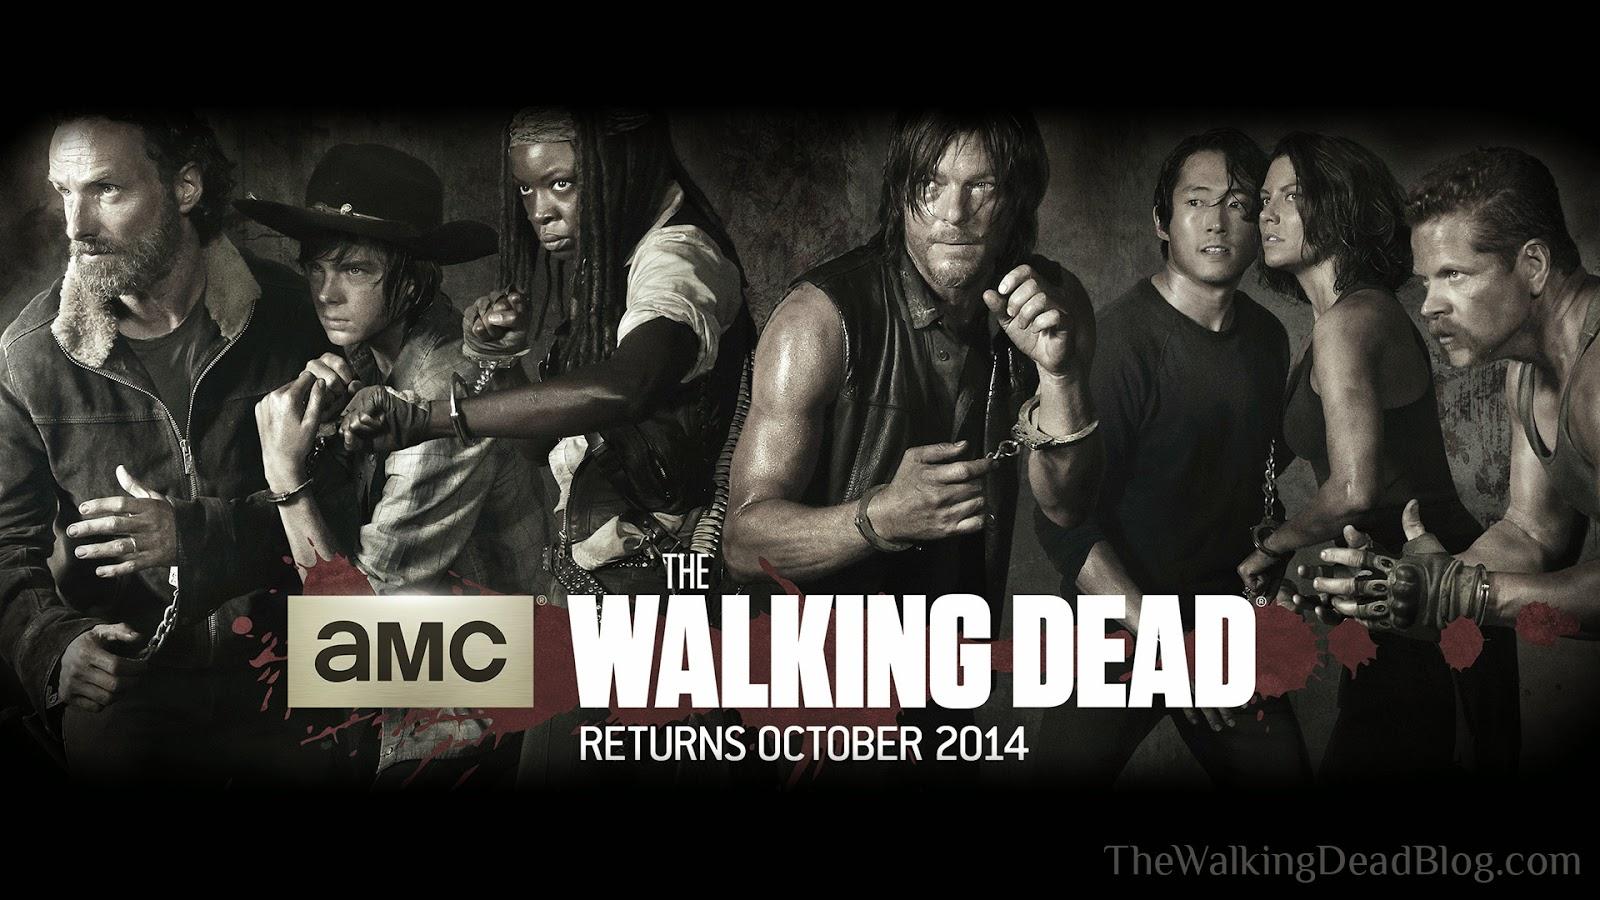 walking dead season 6 episode 6 cnf